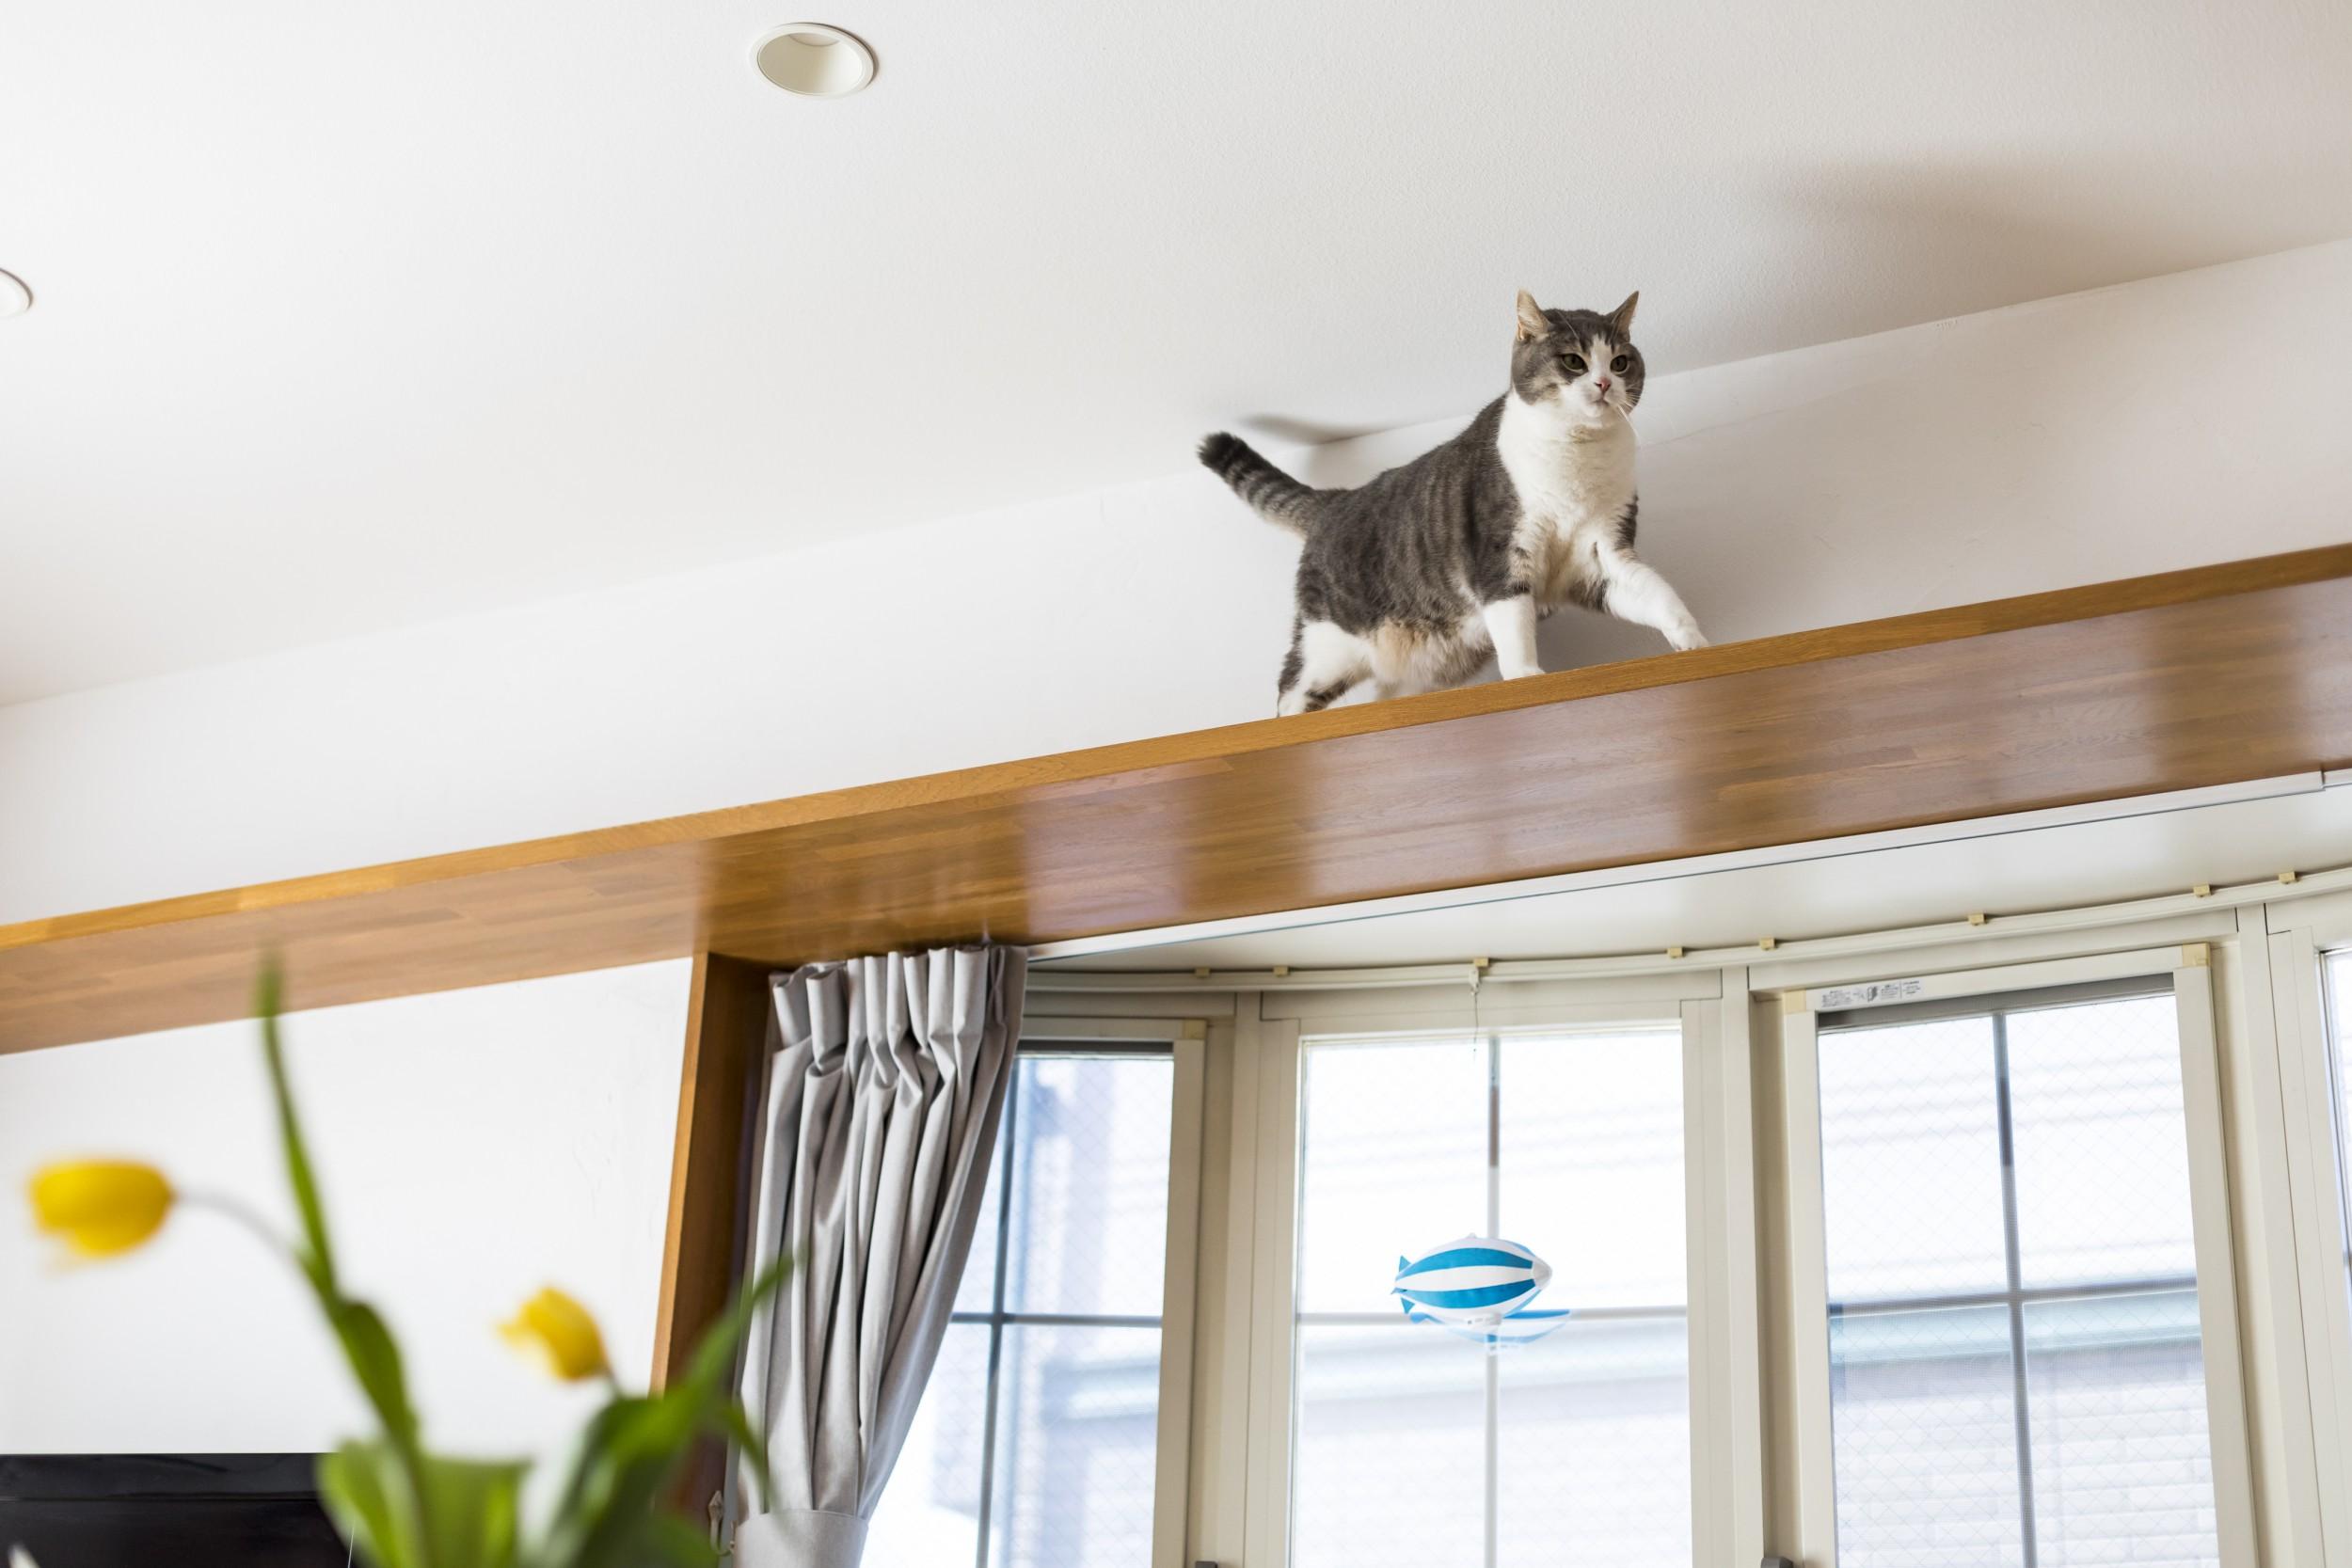 岐阜市Y様邸リノベーション事例のキャットウォークを楽しむ猫ちゃん